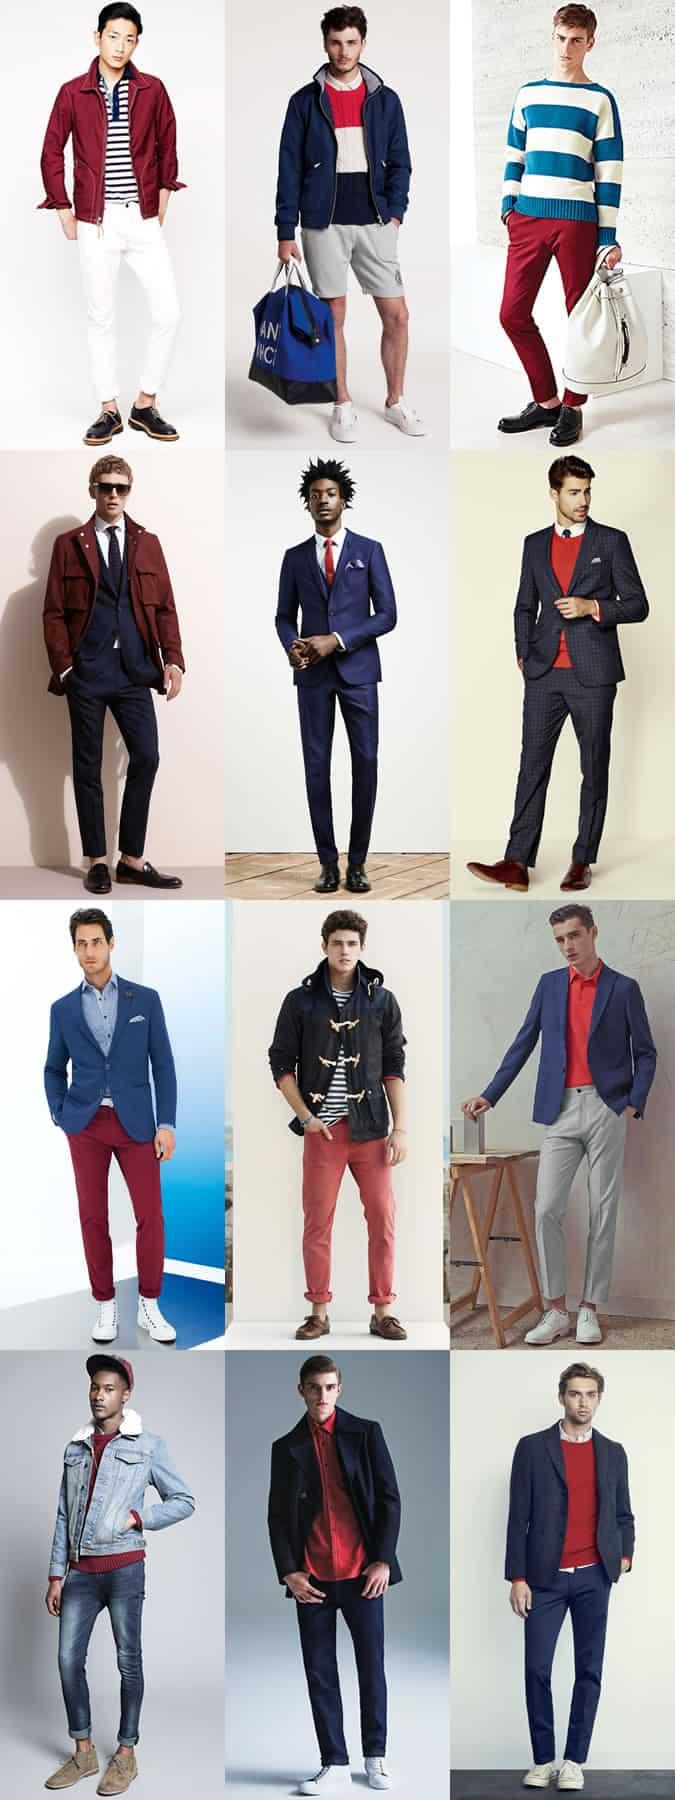 Lookbook Inspiration pour tenue rouge, blanche et bleue pour homme